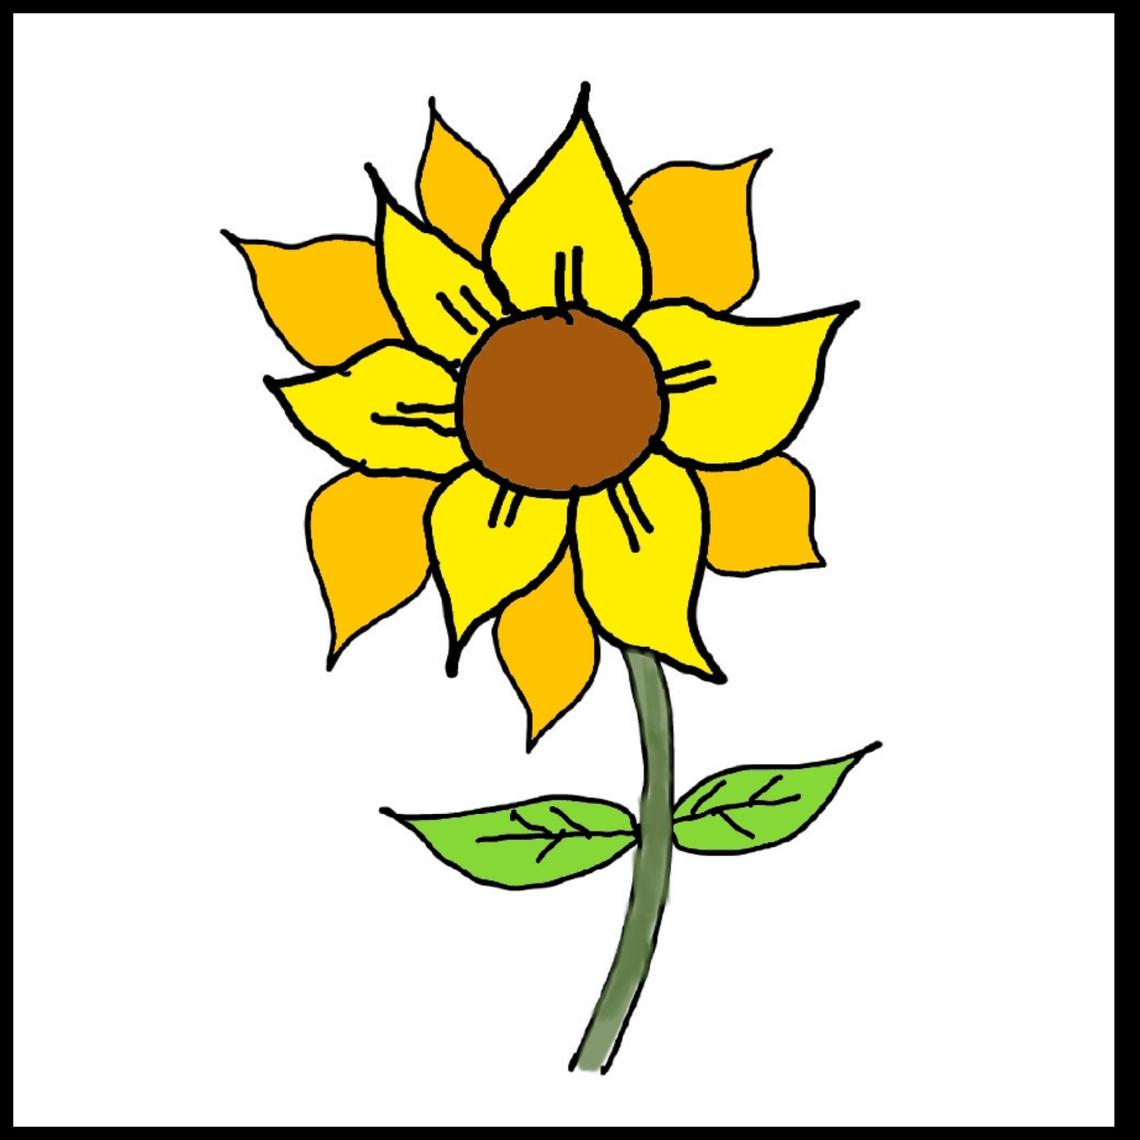 Cara Mudah Mengajari Anak Anak Menggambar Bunga Matahari Bunga Matahari Menggambar Bunga Bunga